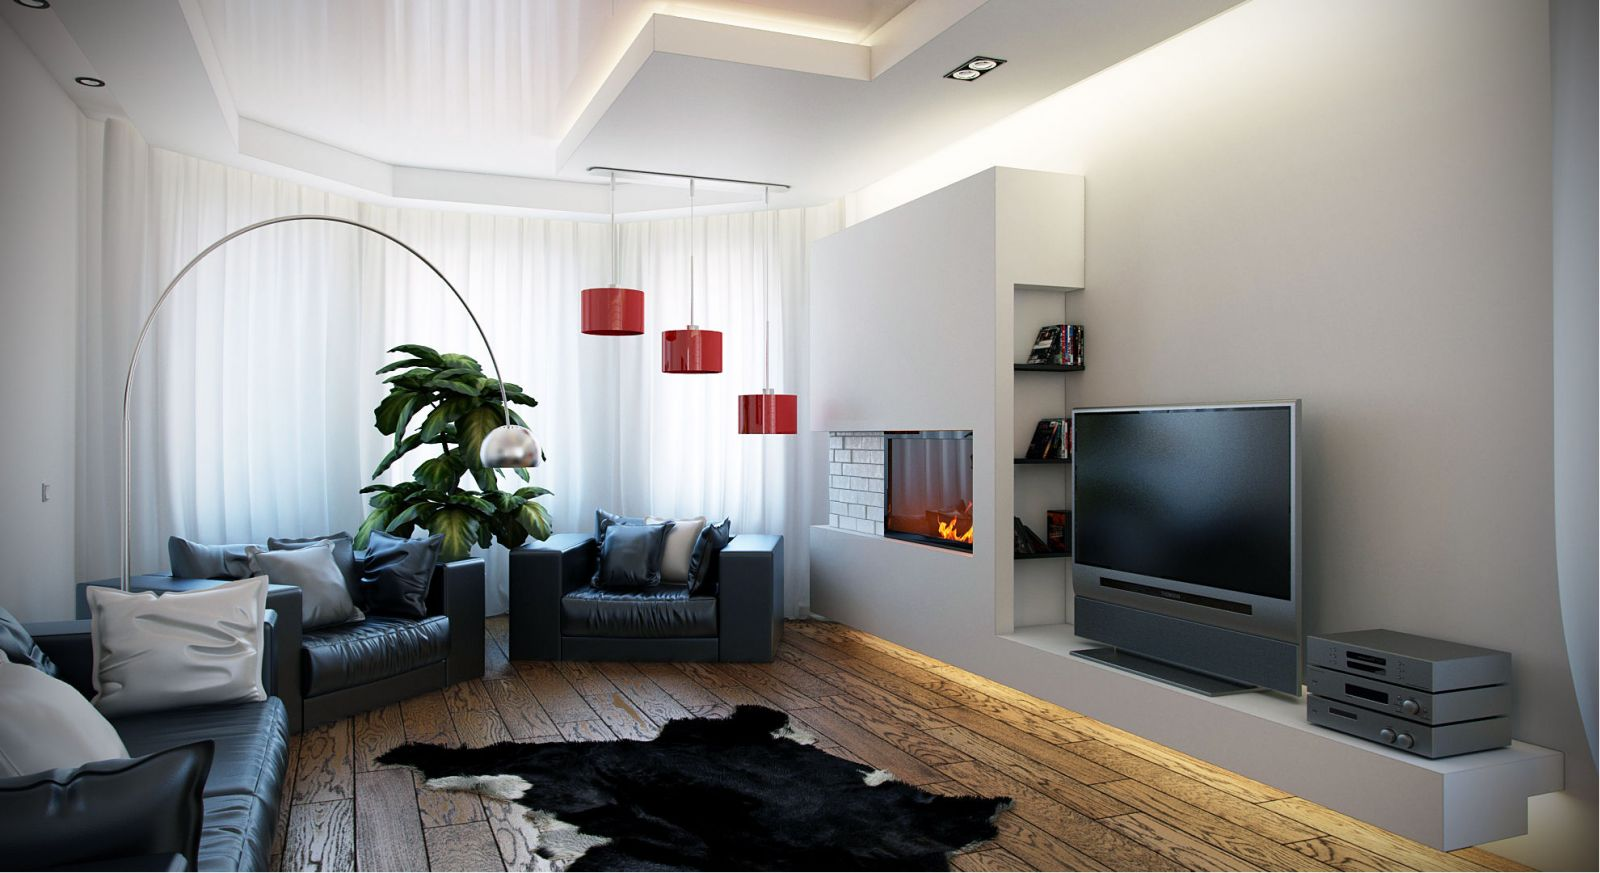 Фото дизайн маленькой квартиры - Сделай дизайн интерьера